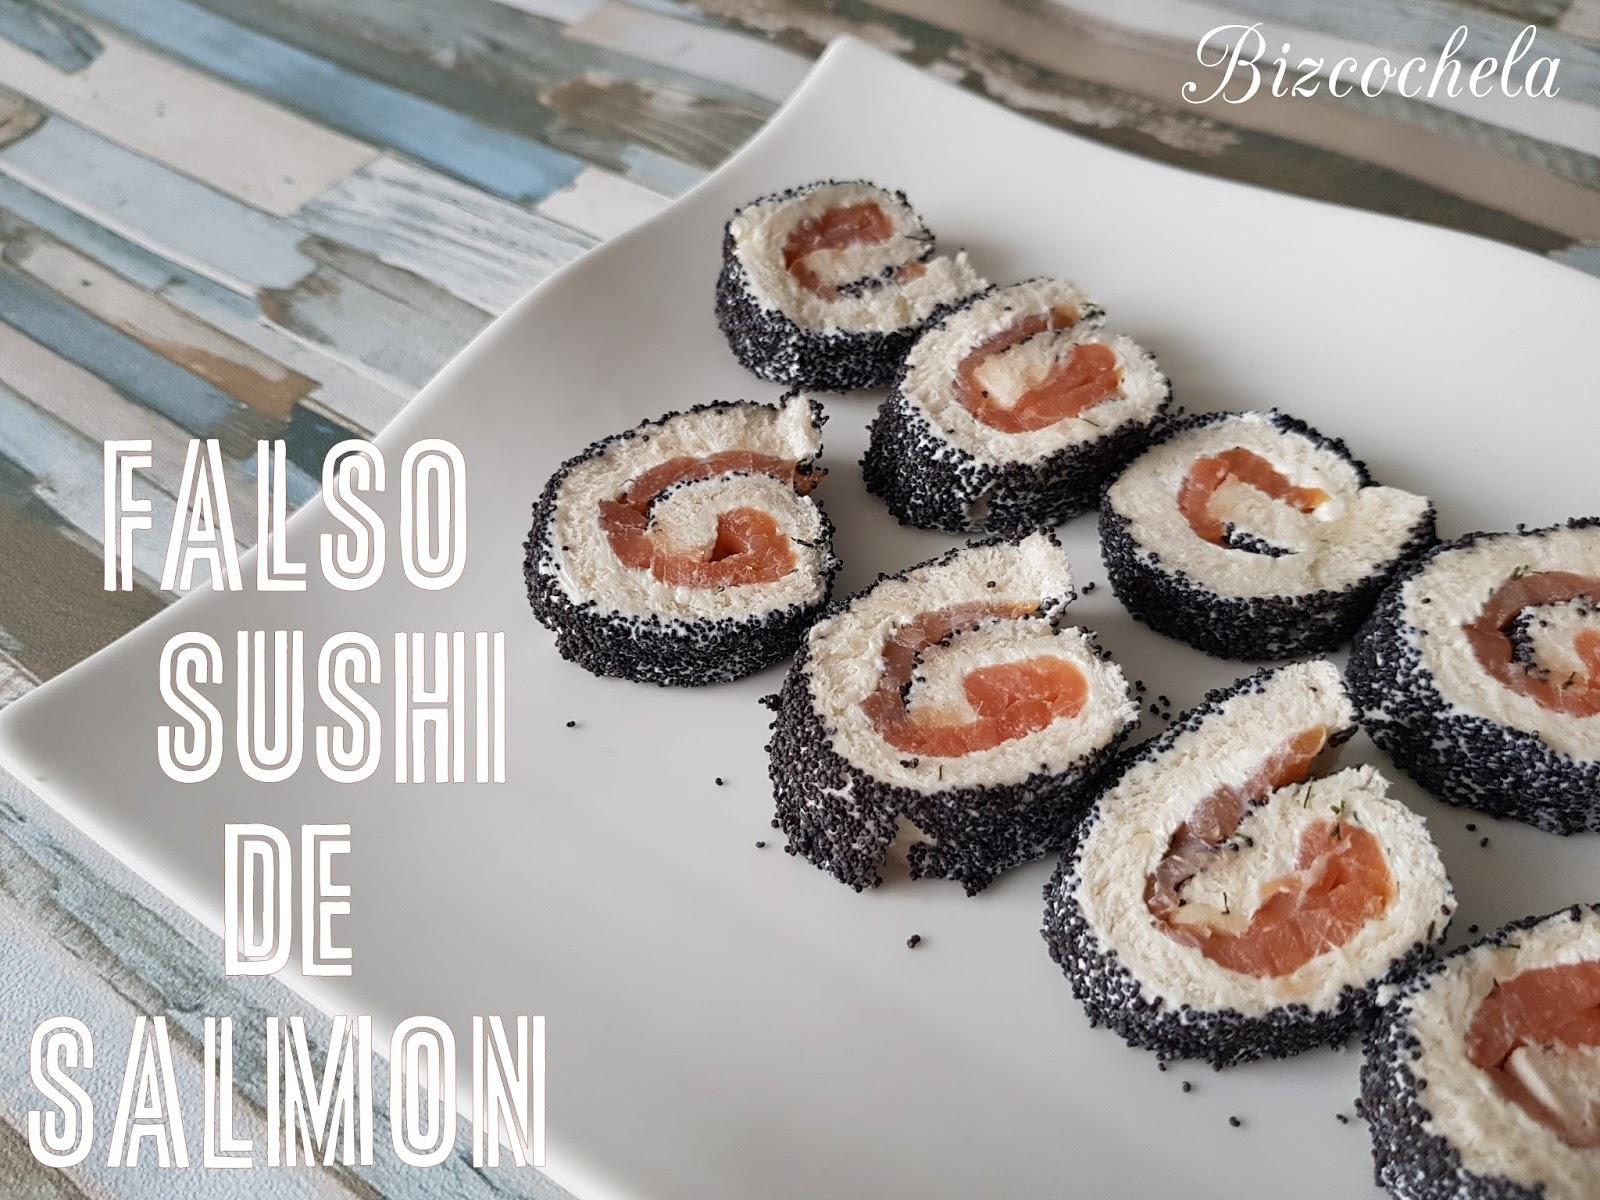 Recetas y a cocinar se ha dicho falso sushi de salm n - Cocinar sushi facil ...